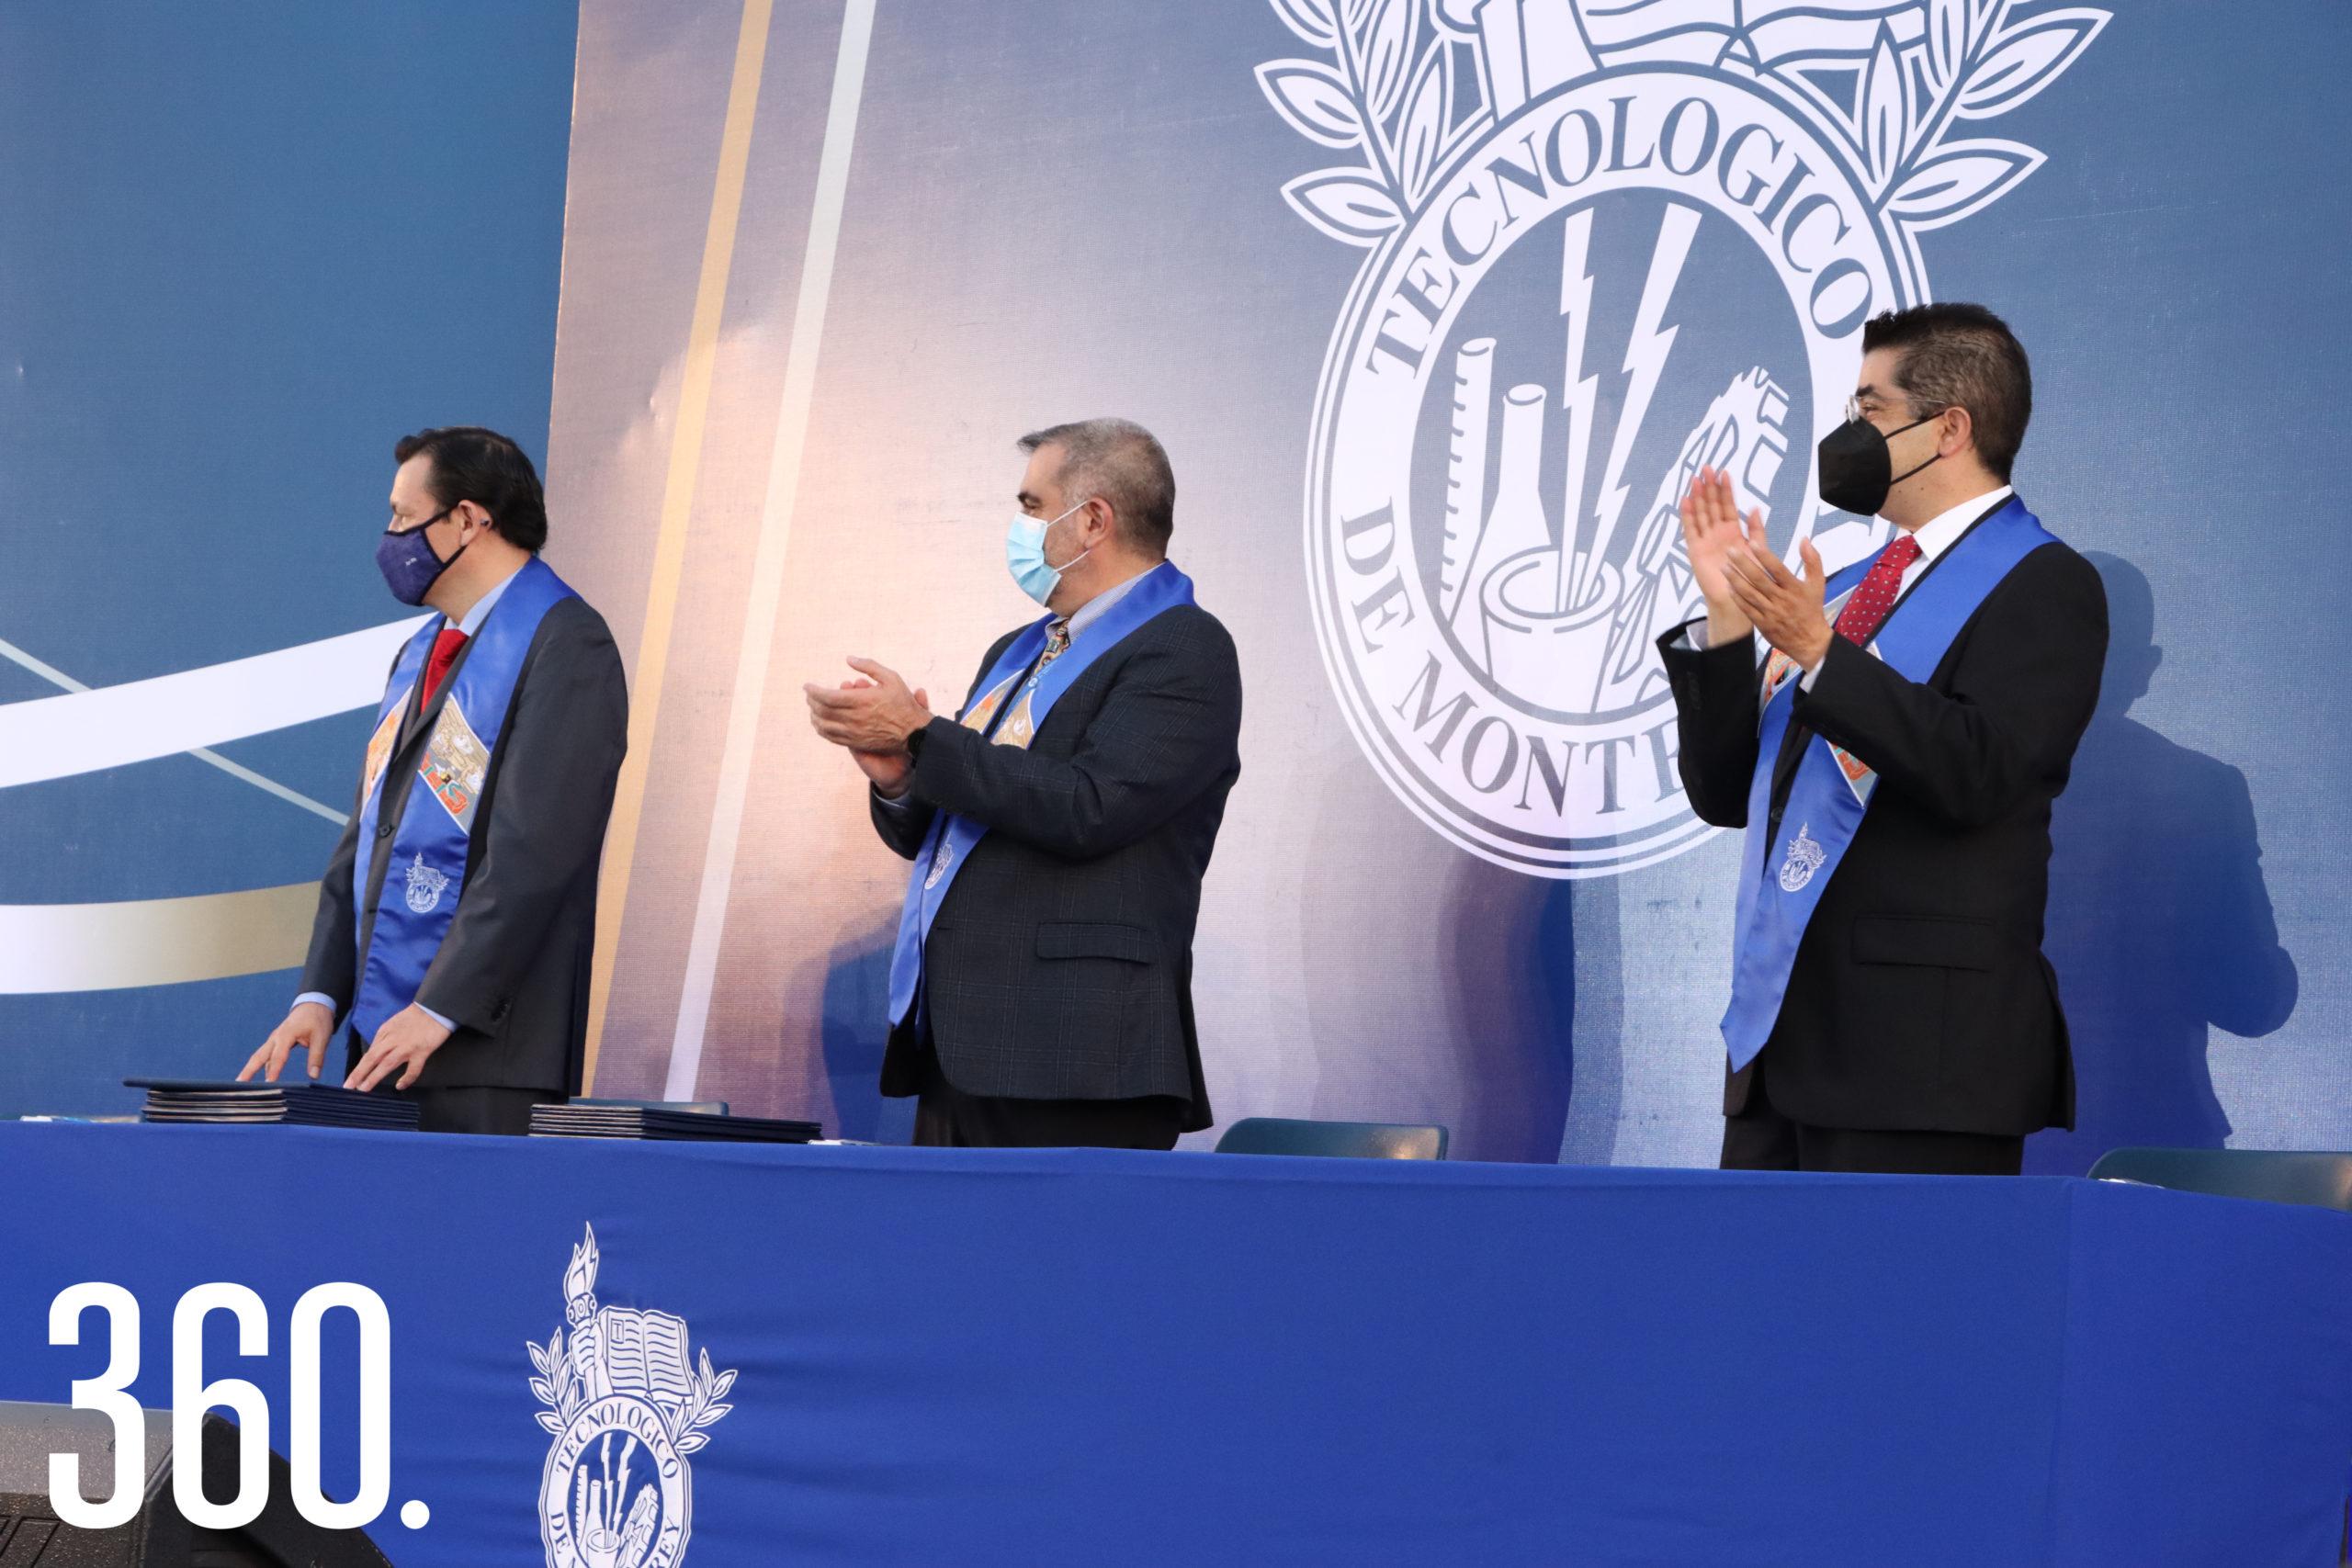 Crisanto Manuel Martínez Trujillo, Gilberto Tomás Armienta Trejo y Carlos Fernando Velázquez presidieron la ceremonia de graduación.